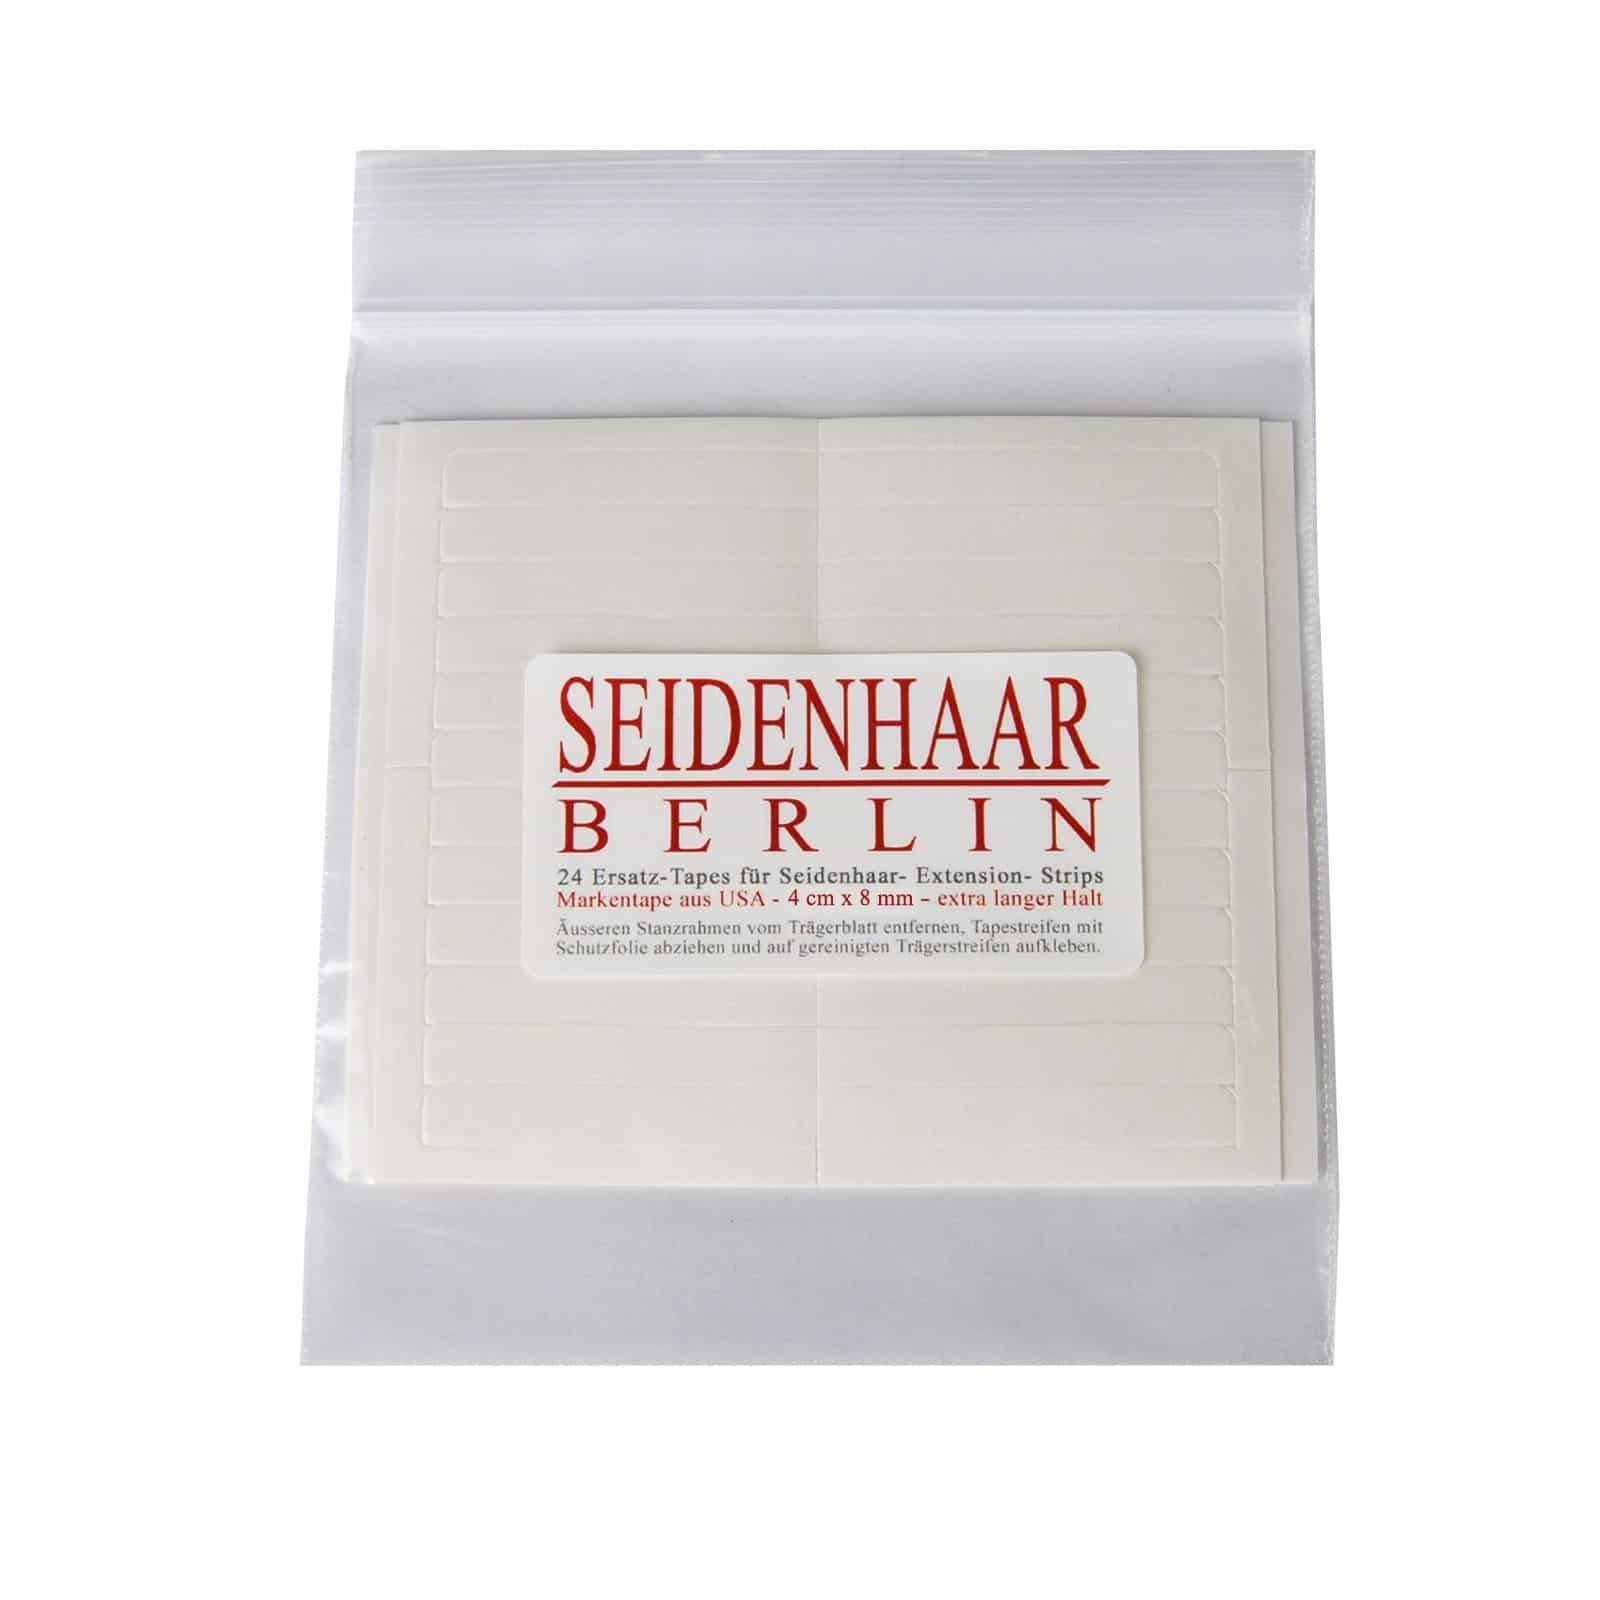 Ersatz-Tapes für Seidenhaar-Extension-Strips